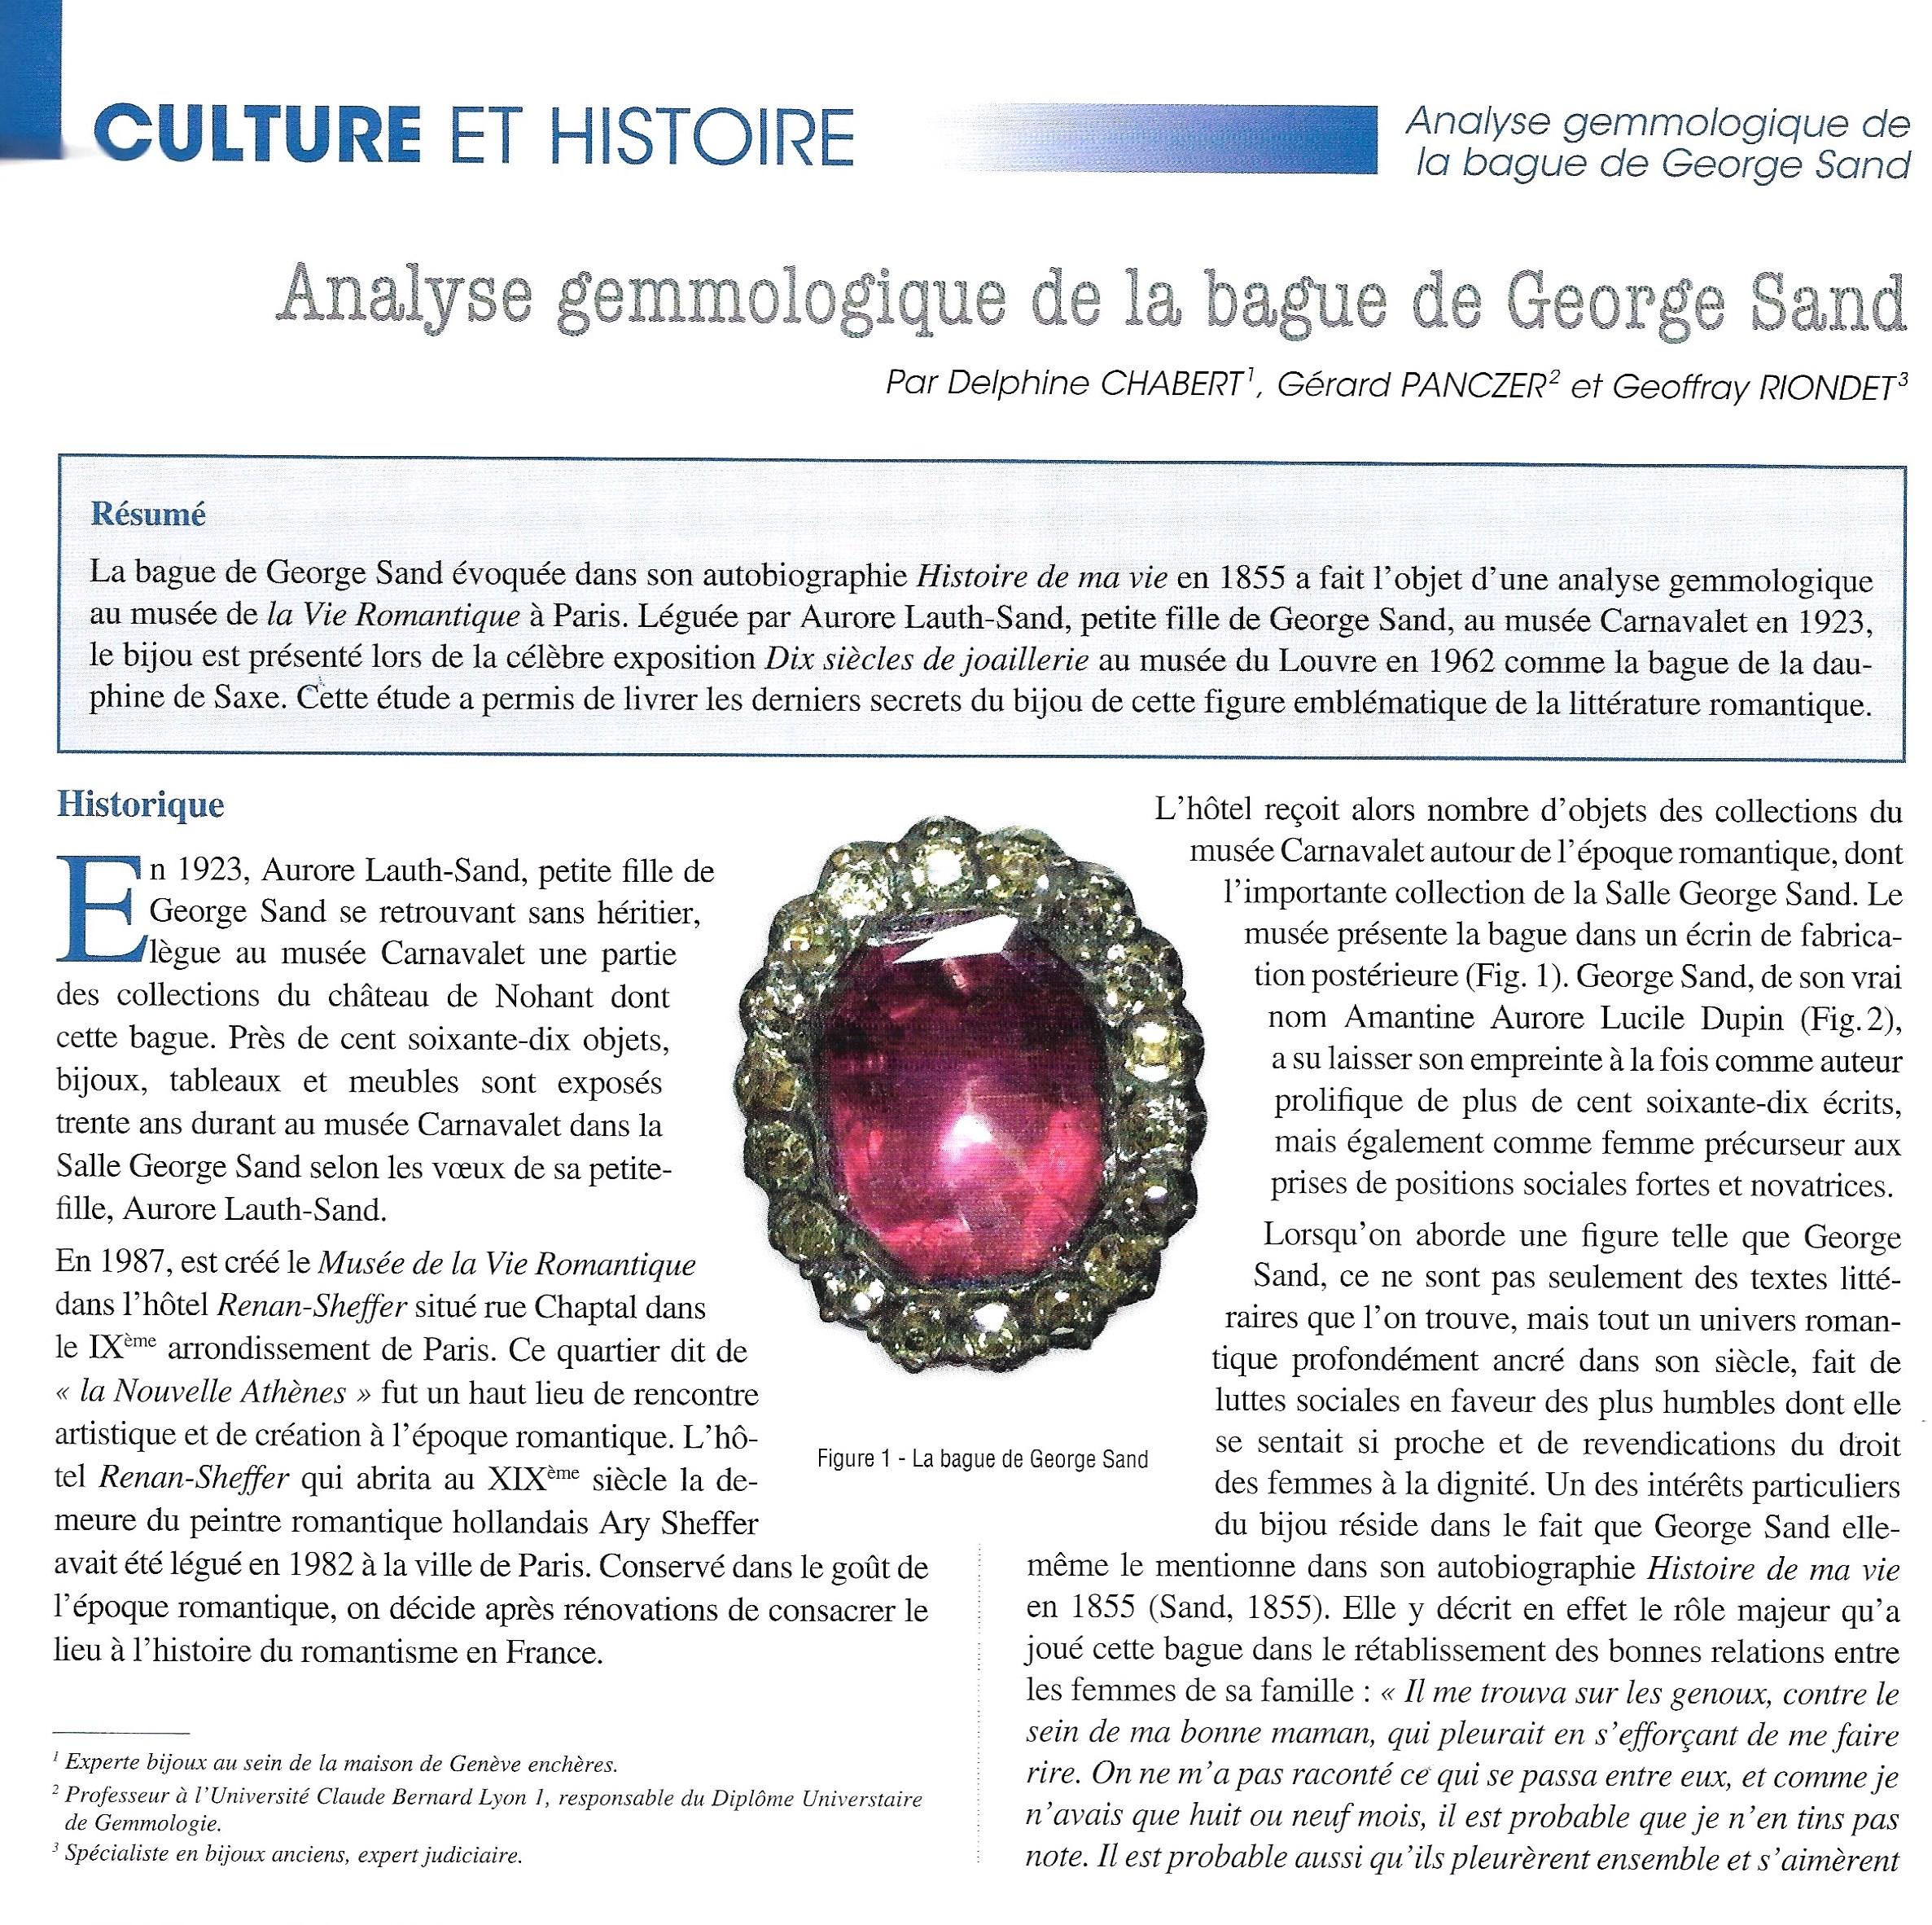 Un peu de lecture pendant le confinement: «Analyse gemmologique de la bague de George Sand» dans la Revue de gemmologie AFG